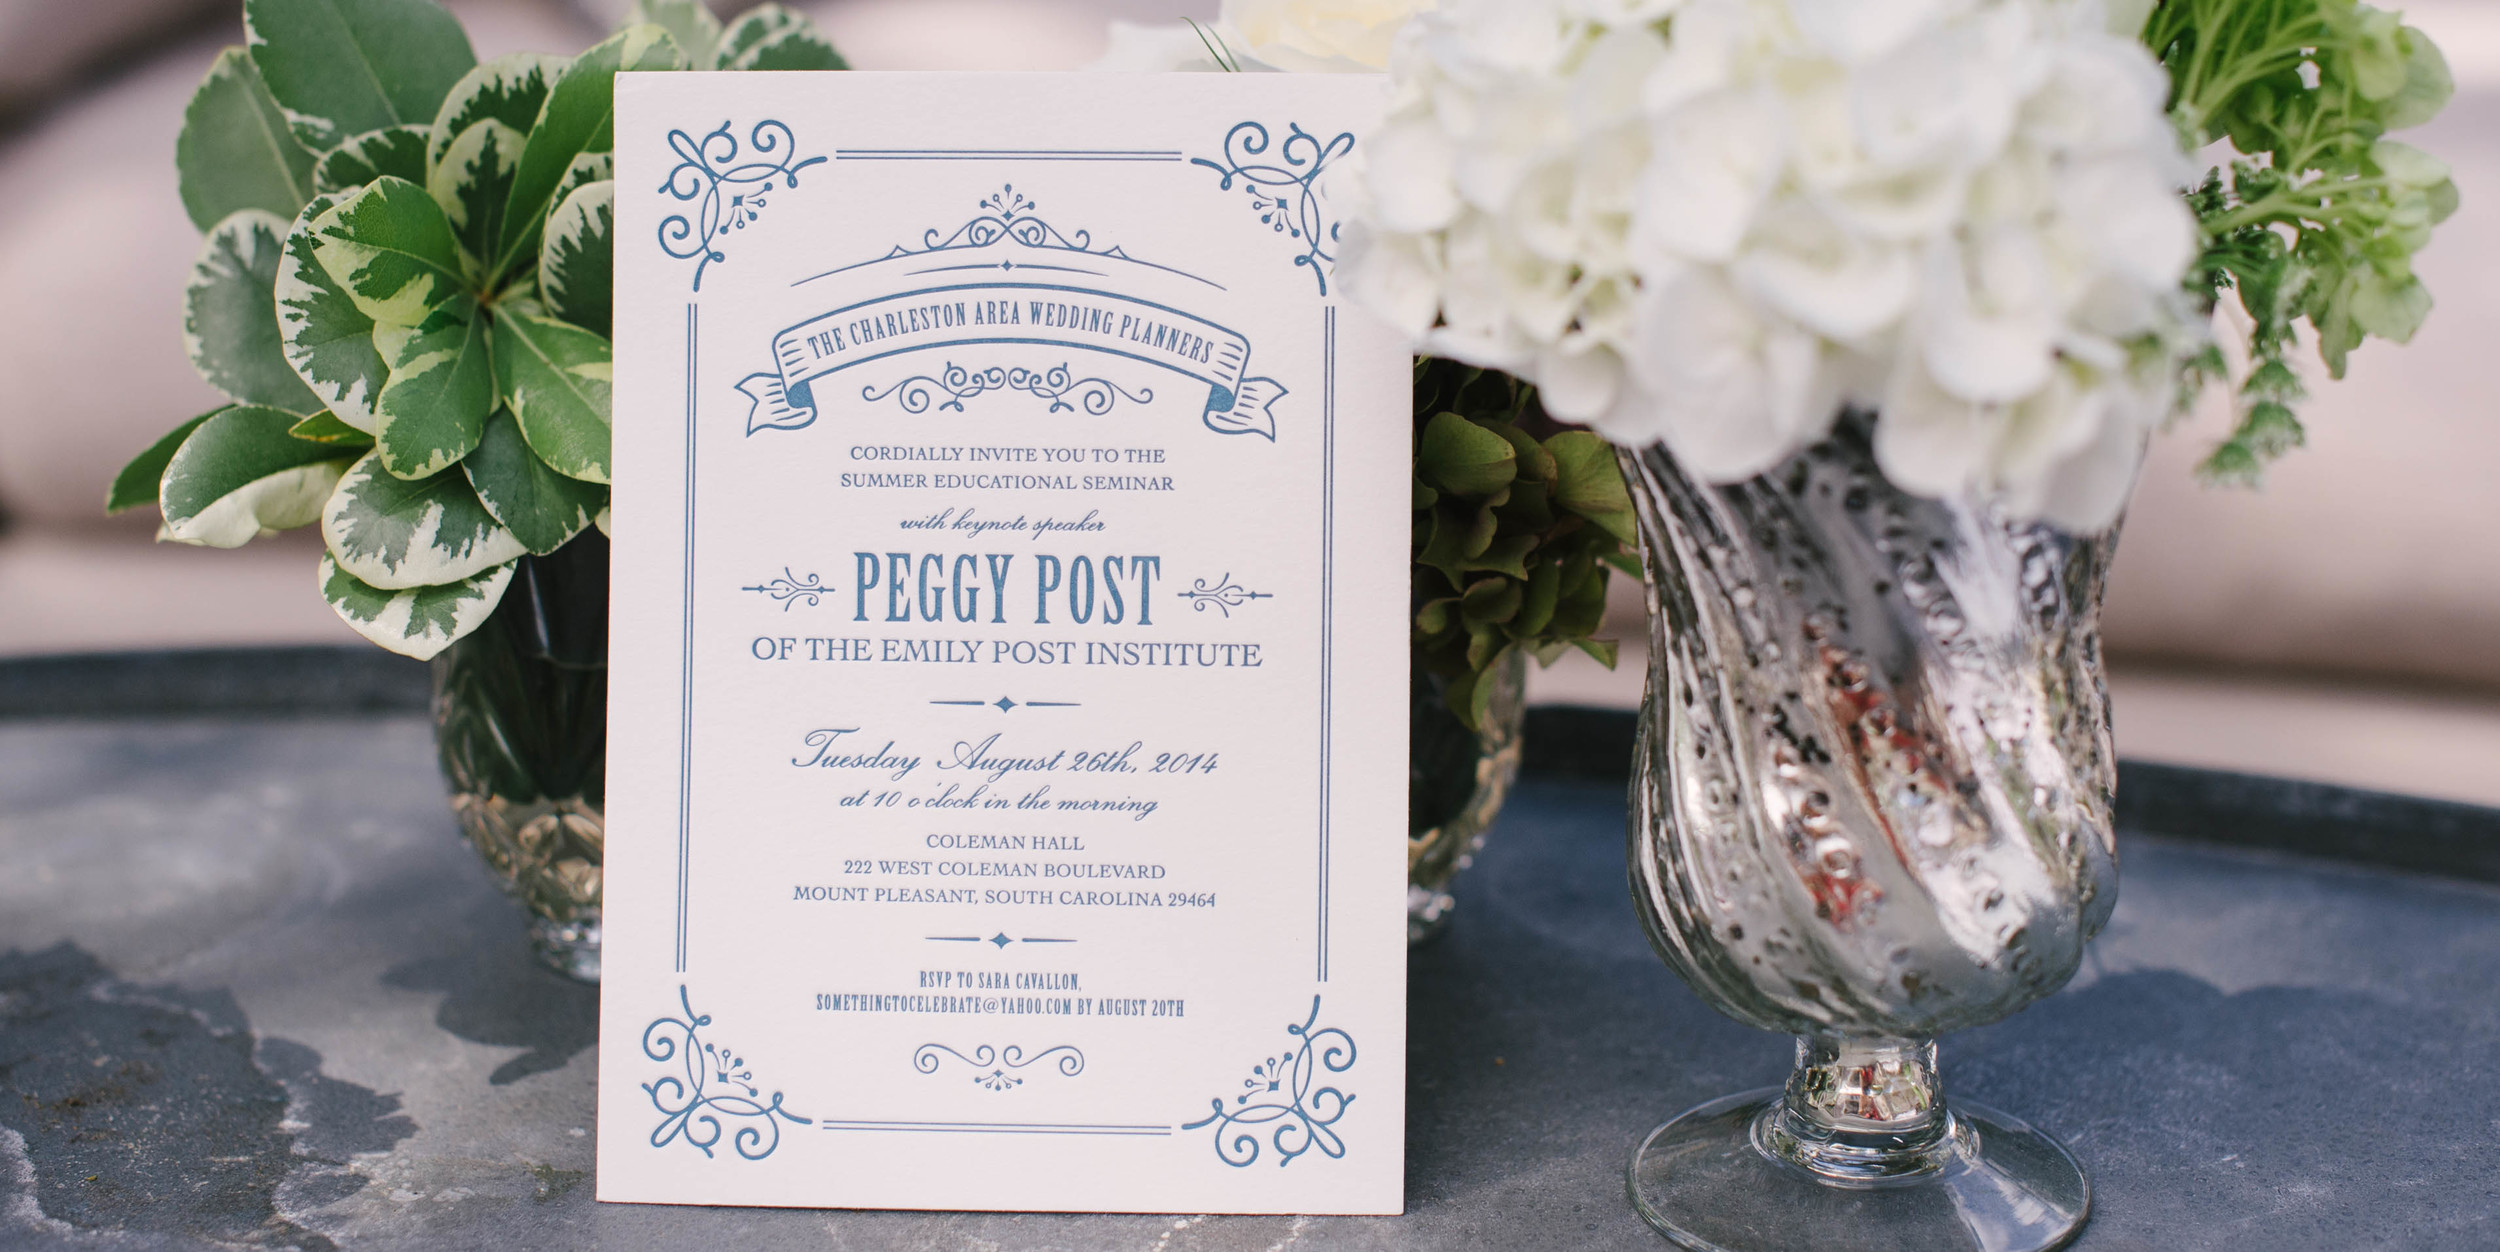 LetterpressInvite-PeggyPost.jpg